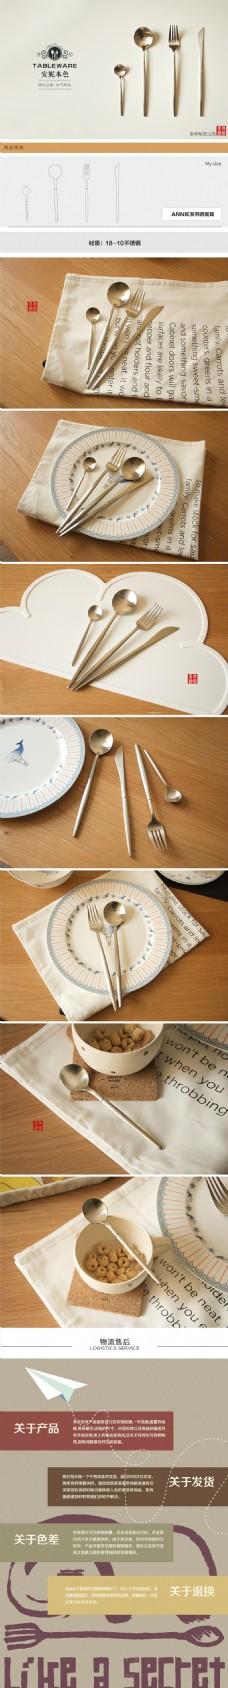 安妮本色餐具